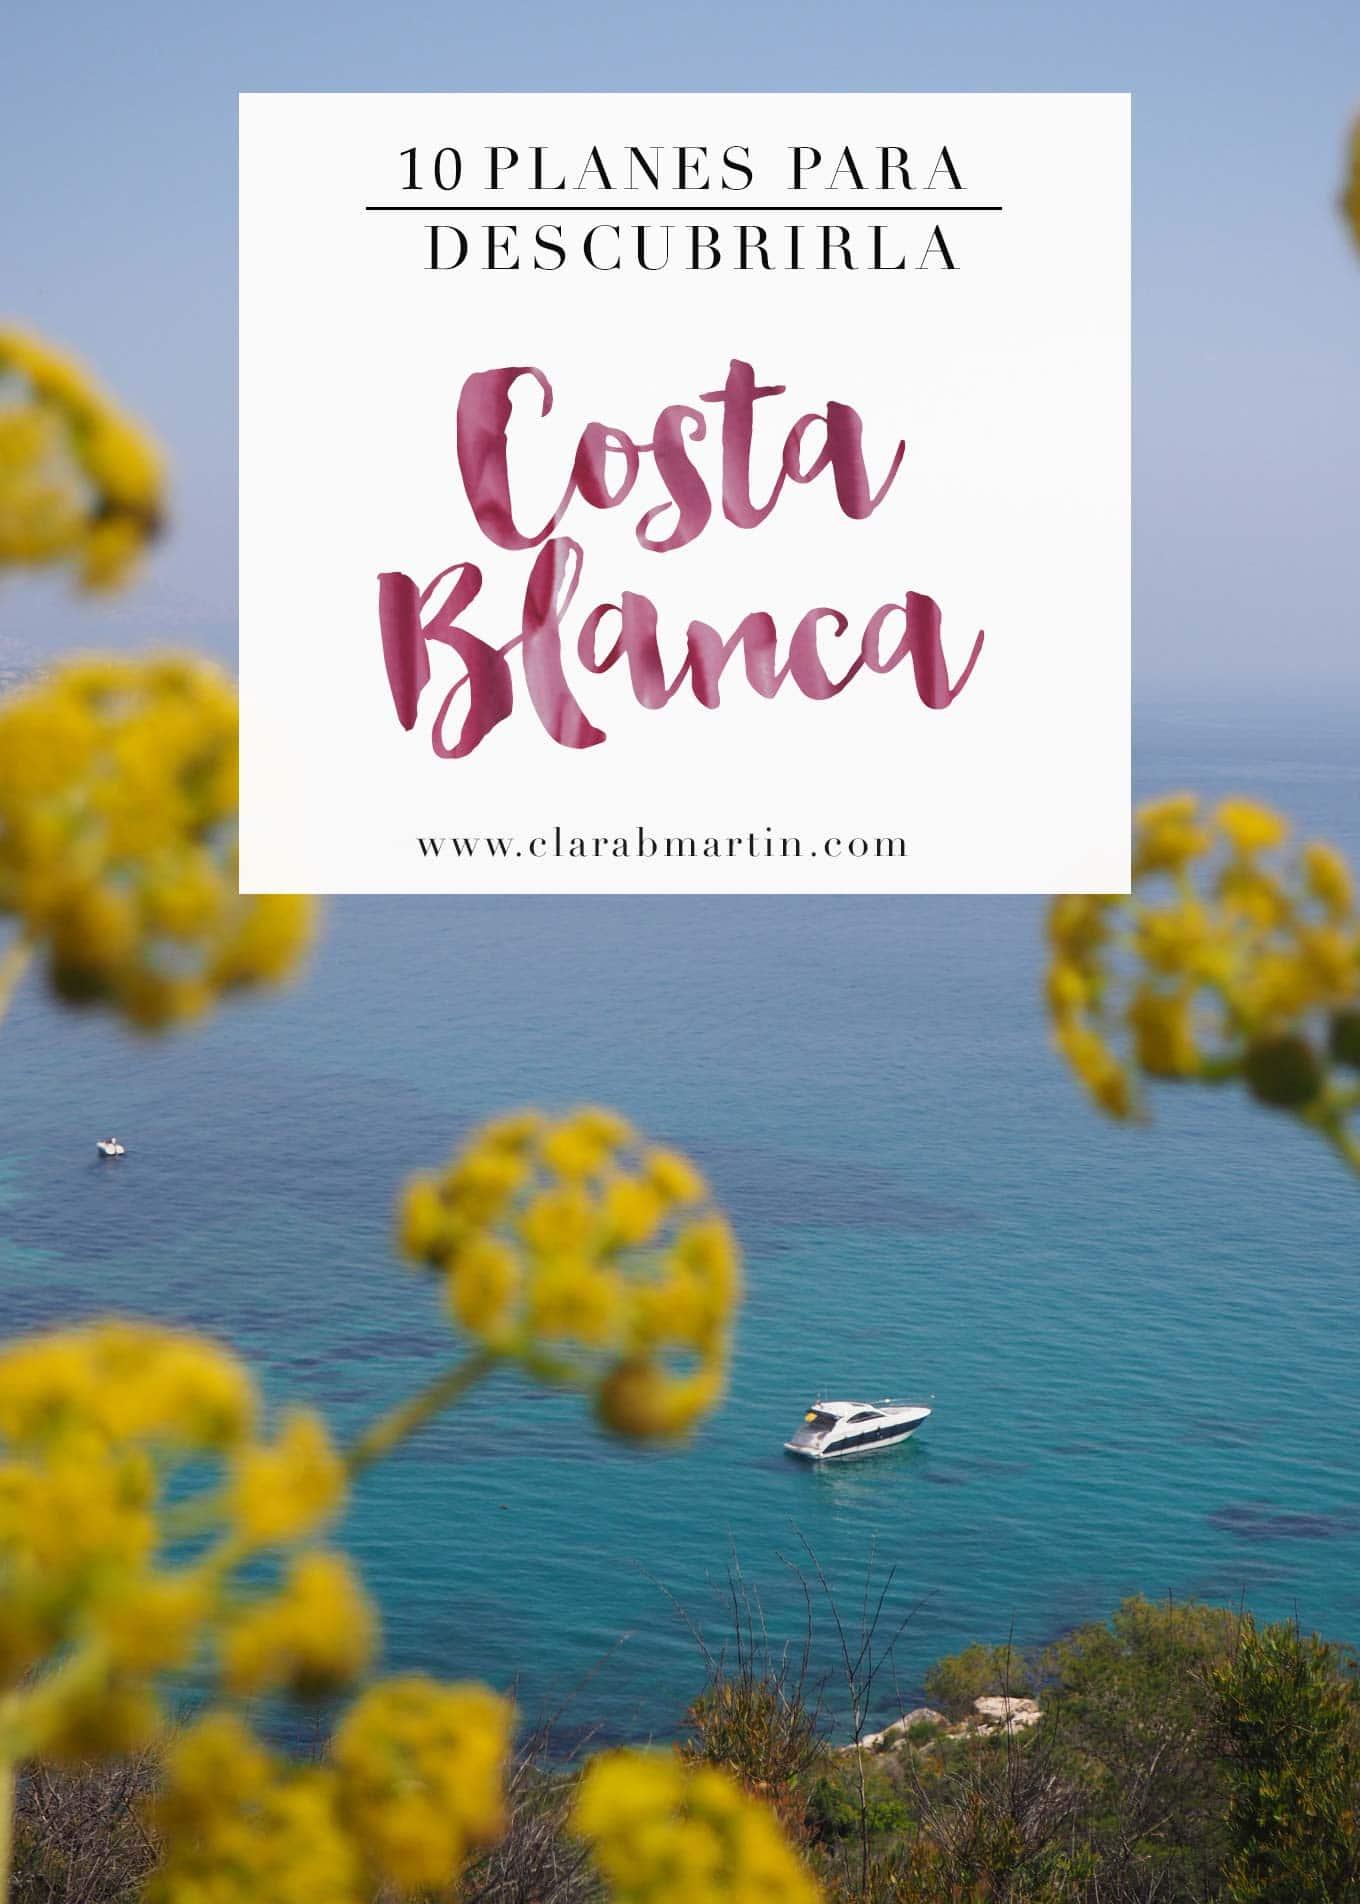 Costa-Blanca